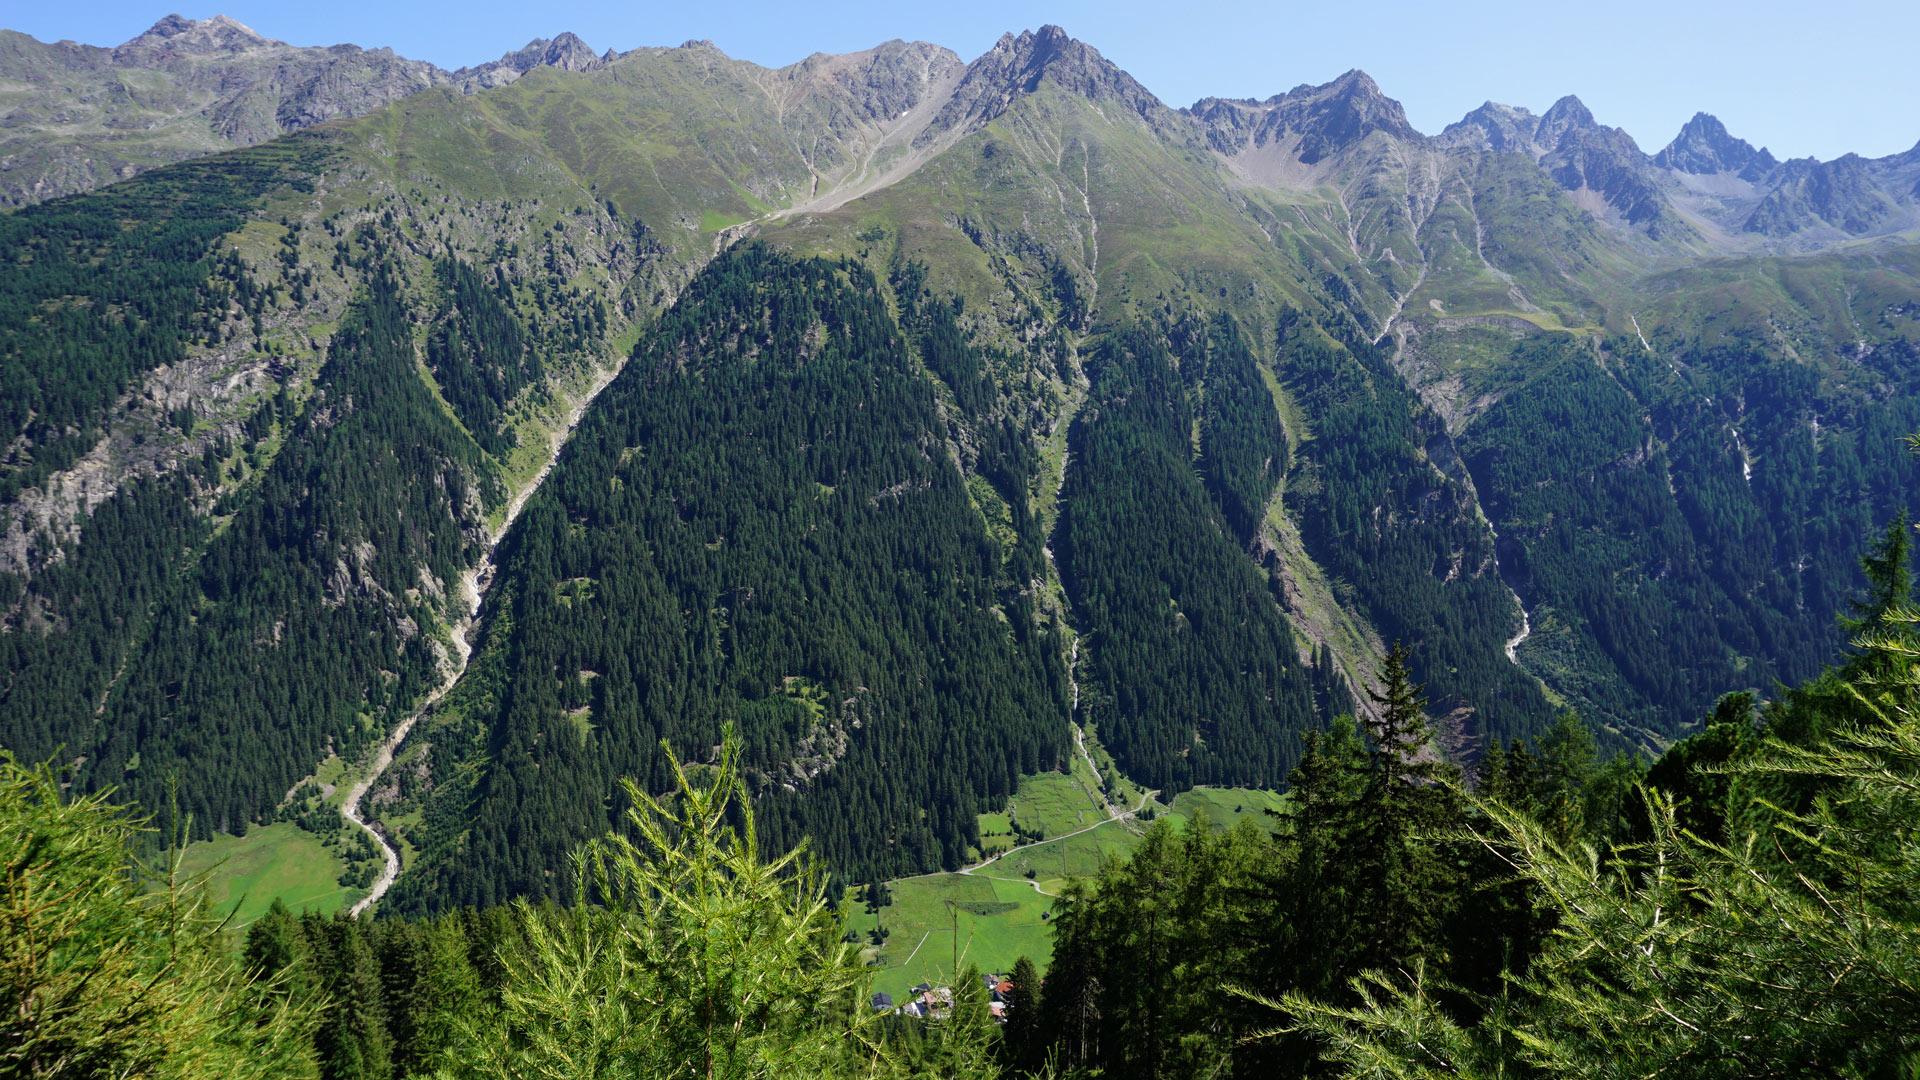 Arzler Alm Wanderung vom Plantzenhof - Almenrausch